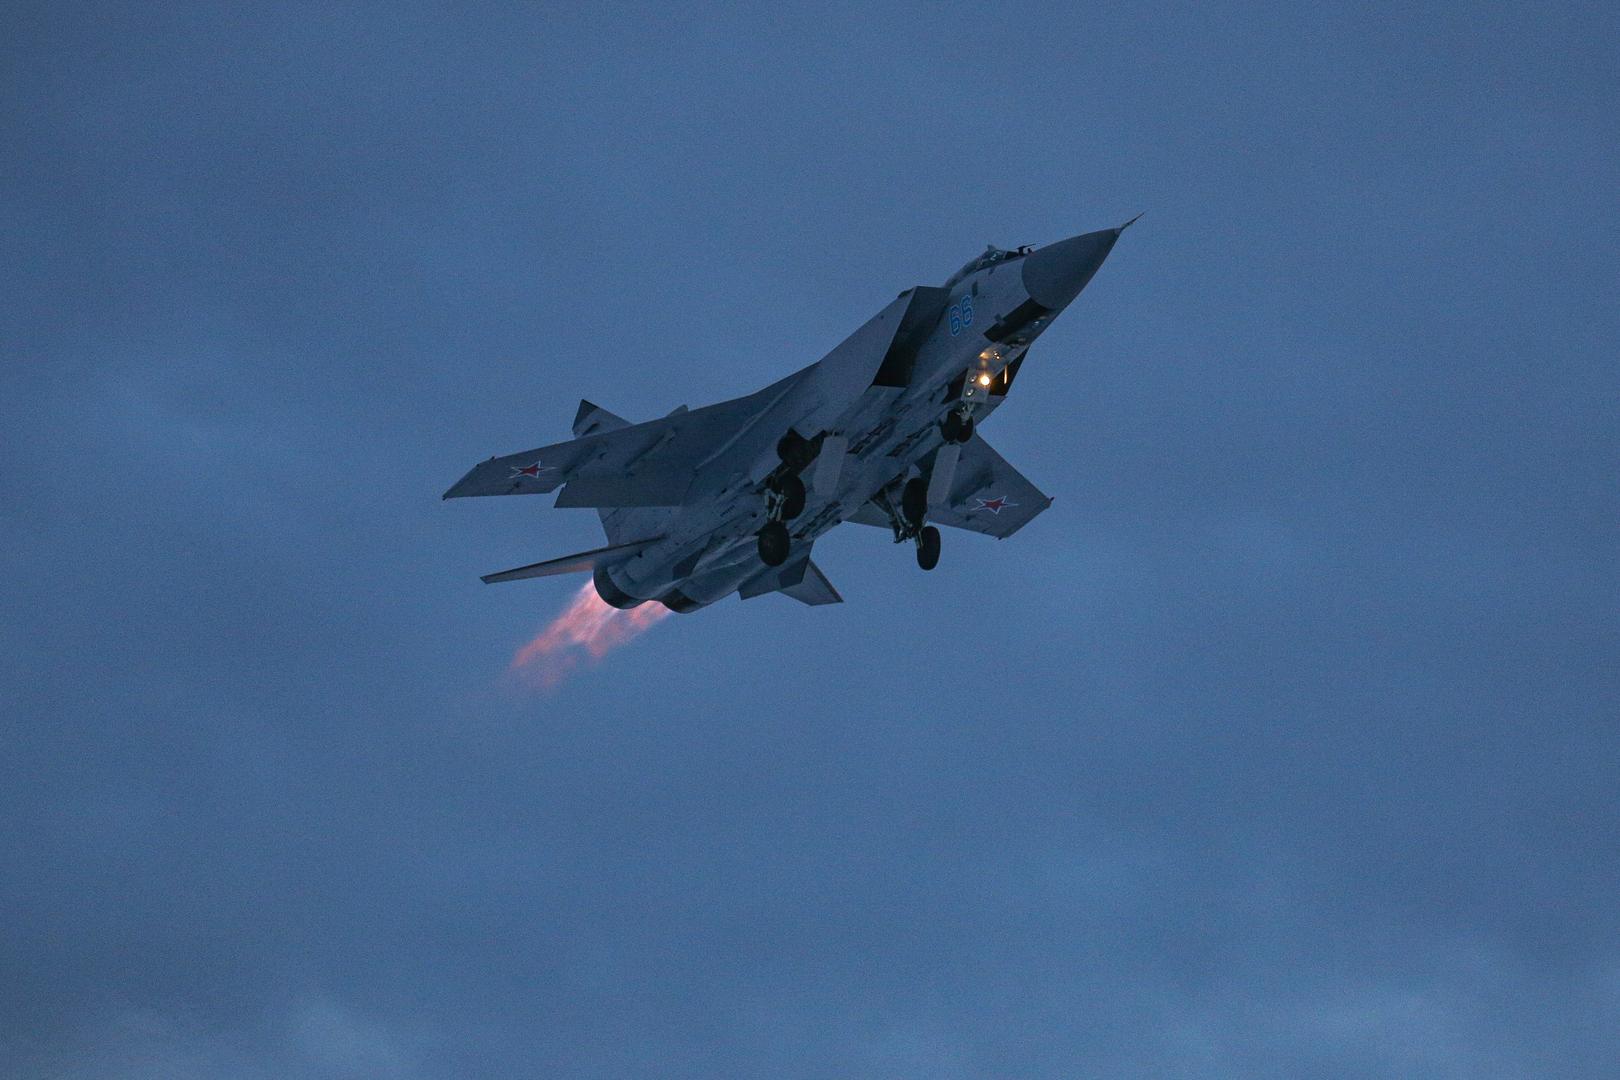 القوات الجوفضائية الروسية أوقفت العملية التركية في إدلب